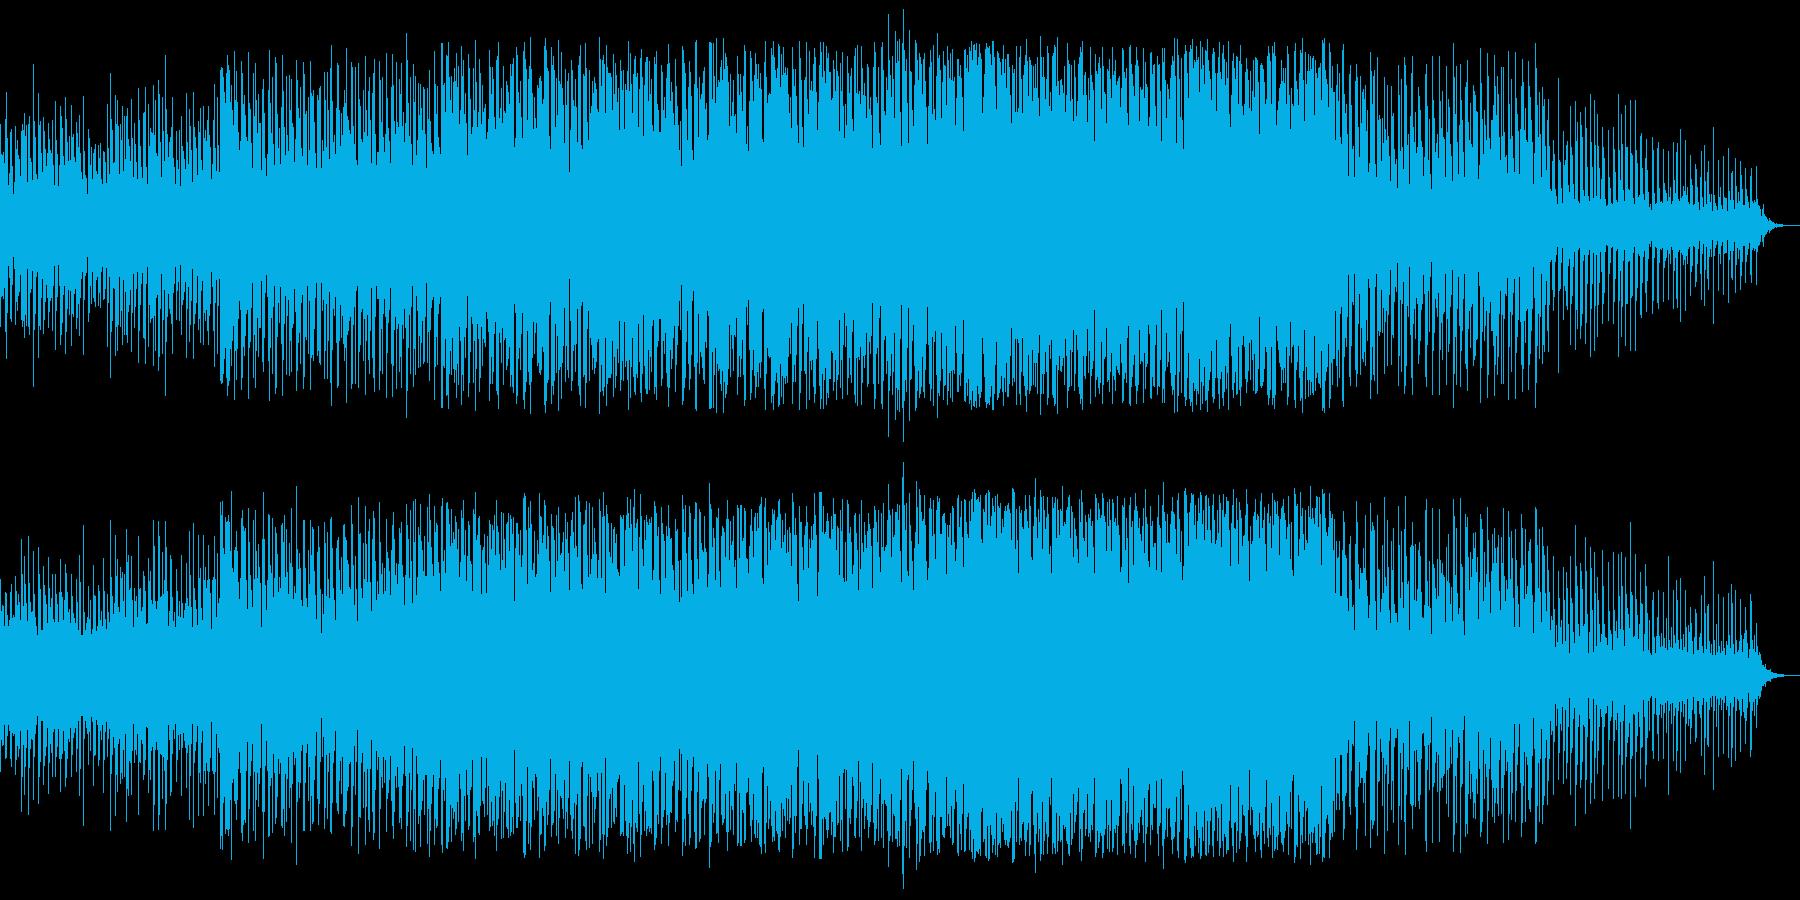 近未来を表現するシンセサイザーの再生済みの波形